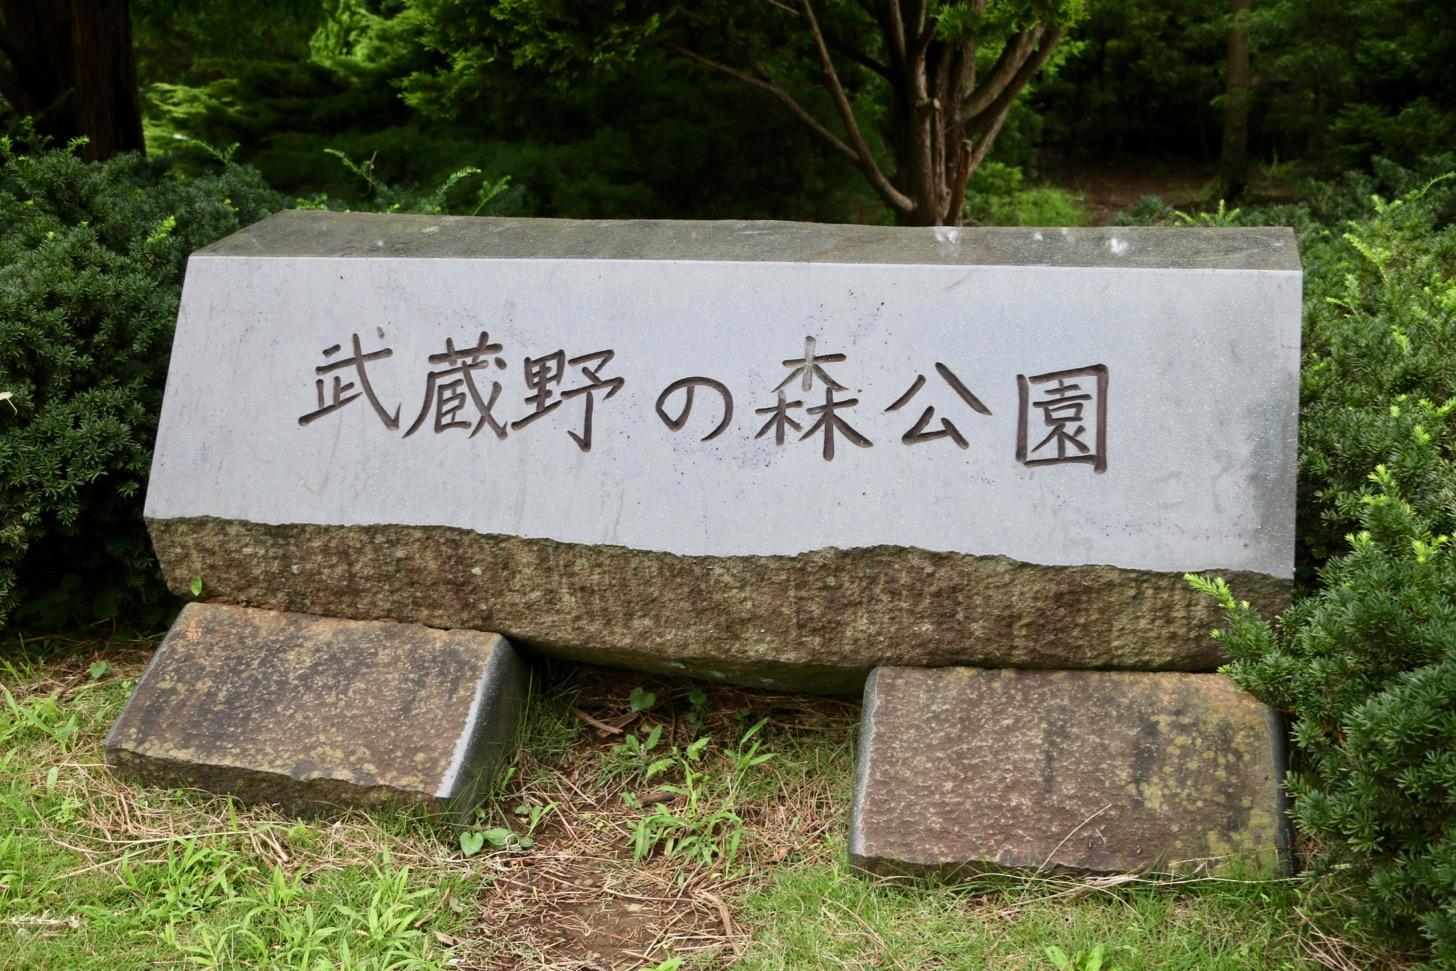 スタート地点(府中市・武蔵野の森公園)